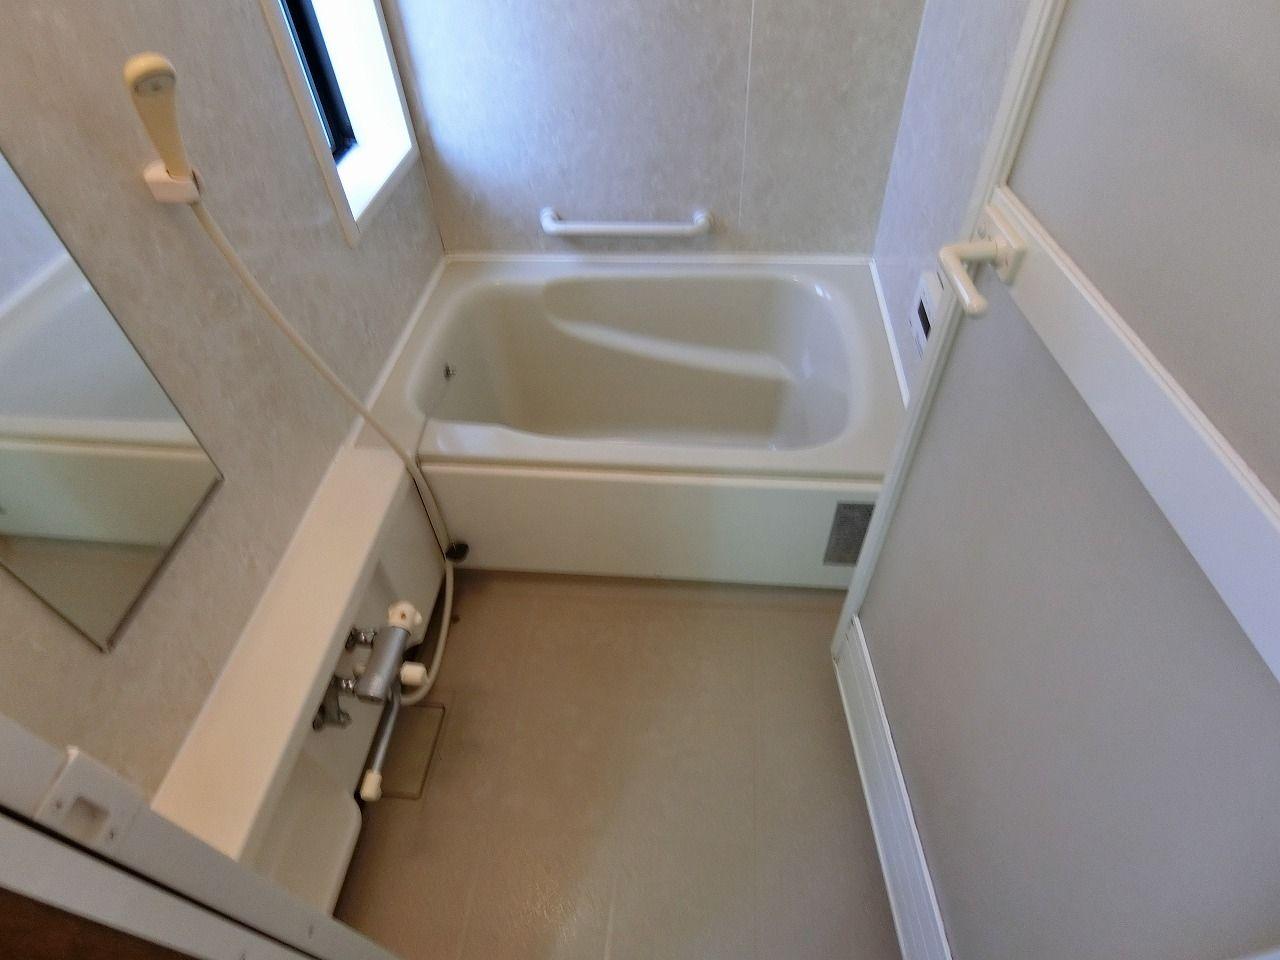 「パークテラスあざみ野」E棟の浴室の様子です。